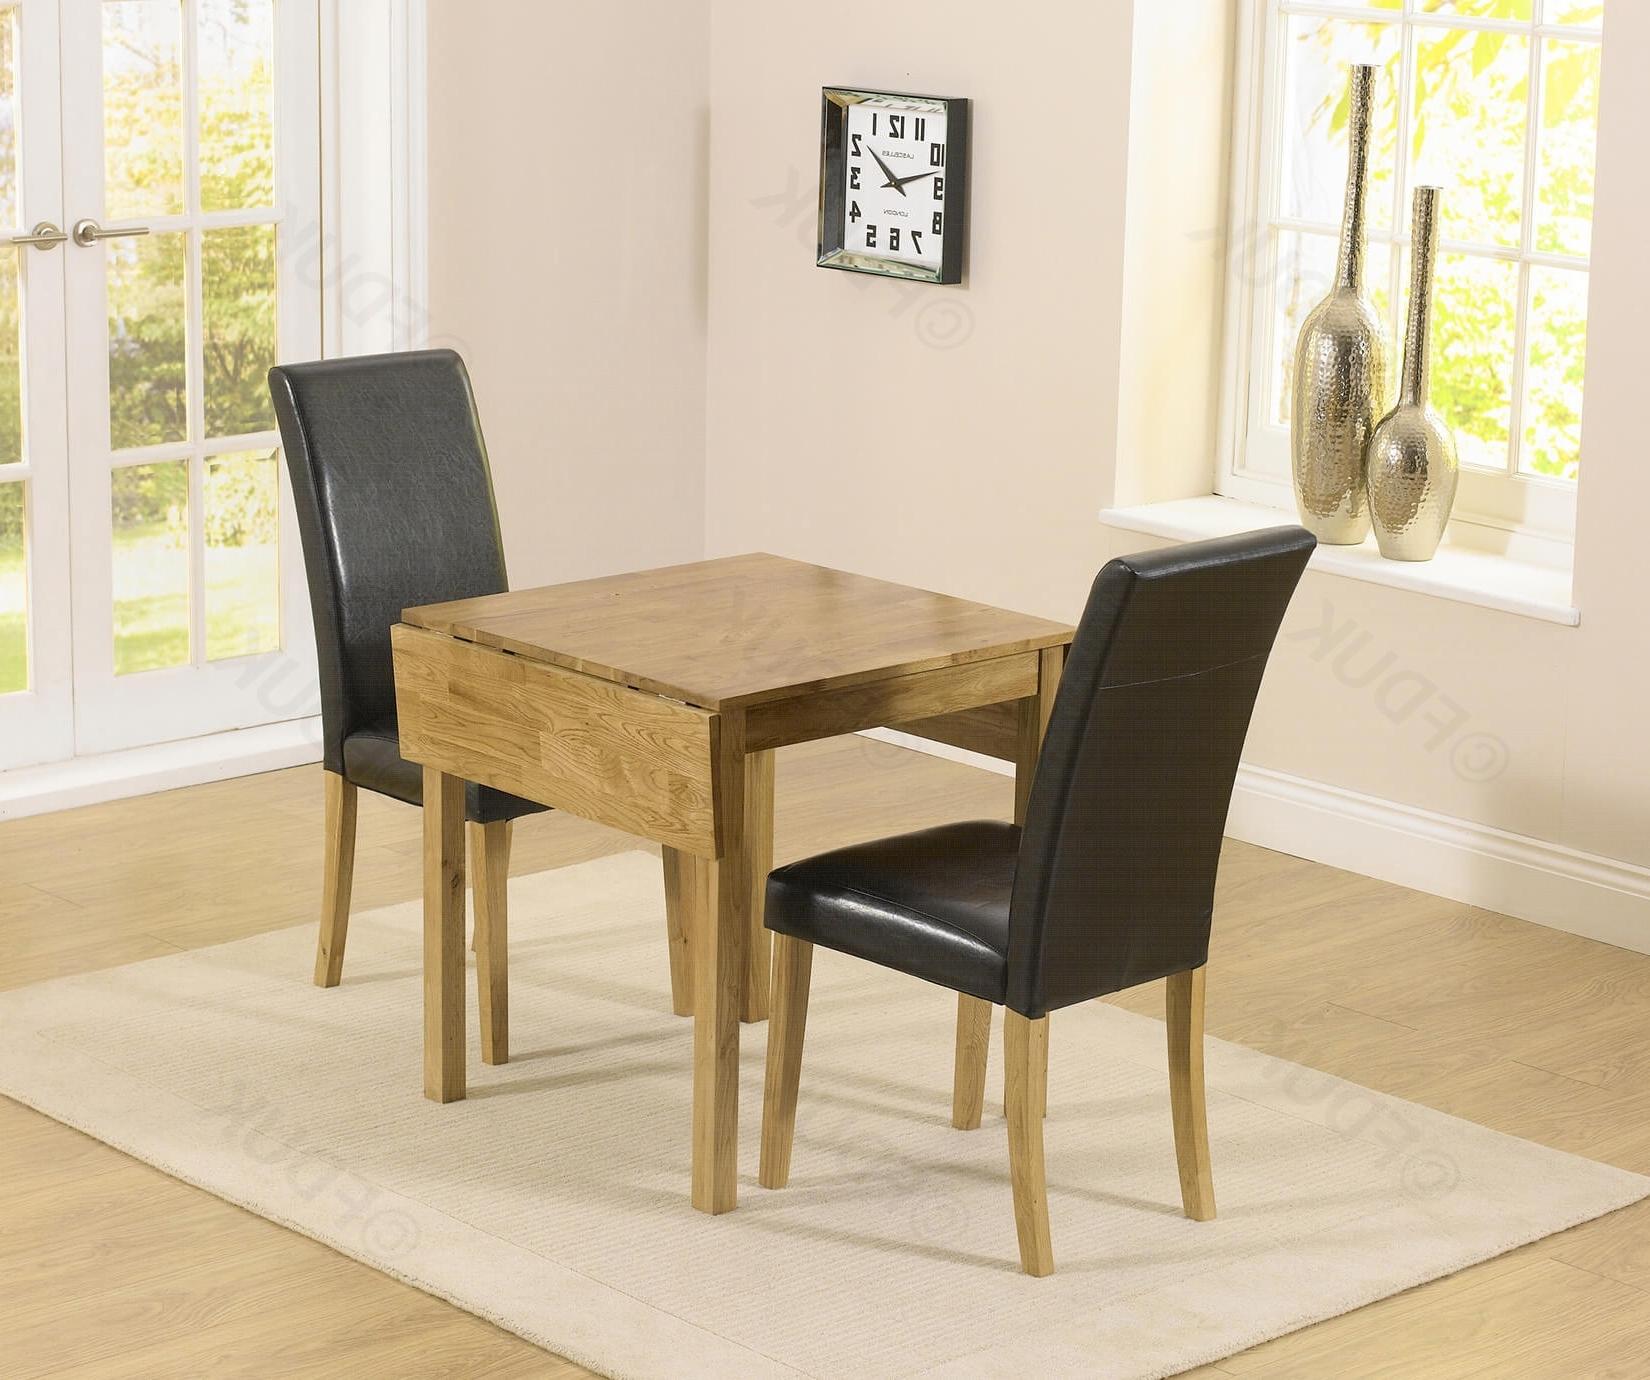 Promo Oak Rectangular Extending Dining Table With With Latest Black Extending Dining Tables (Gallery 22 of 25)